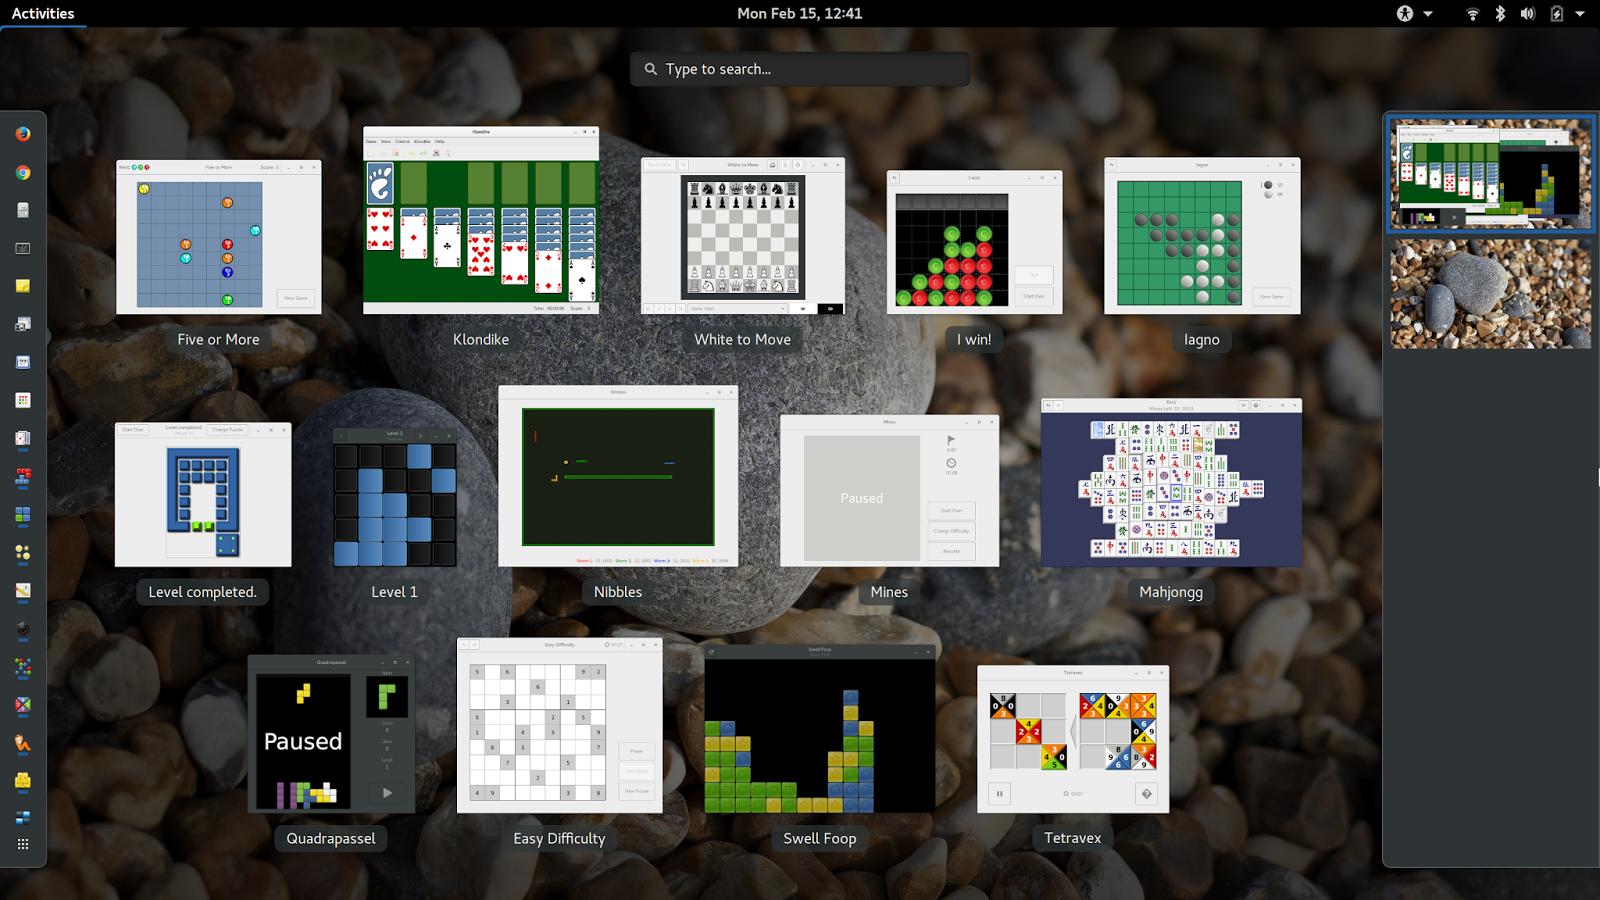 Ubuntu GNOME 16 04 running on Yoga Pro 2 with HiDPI and